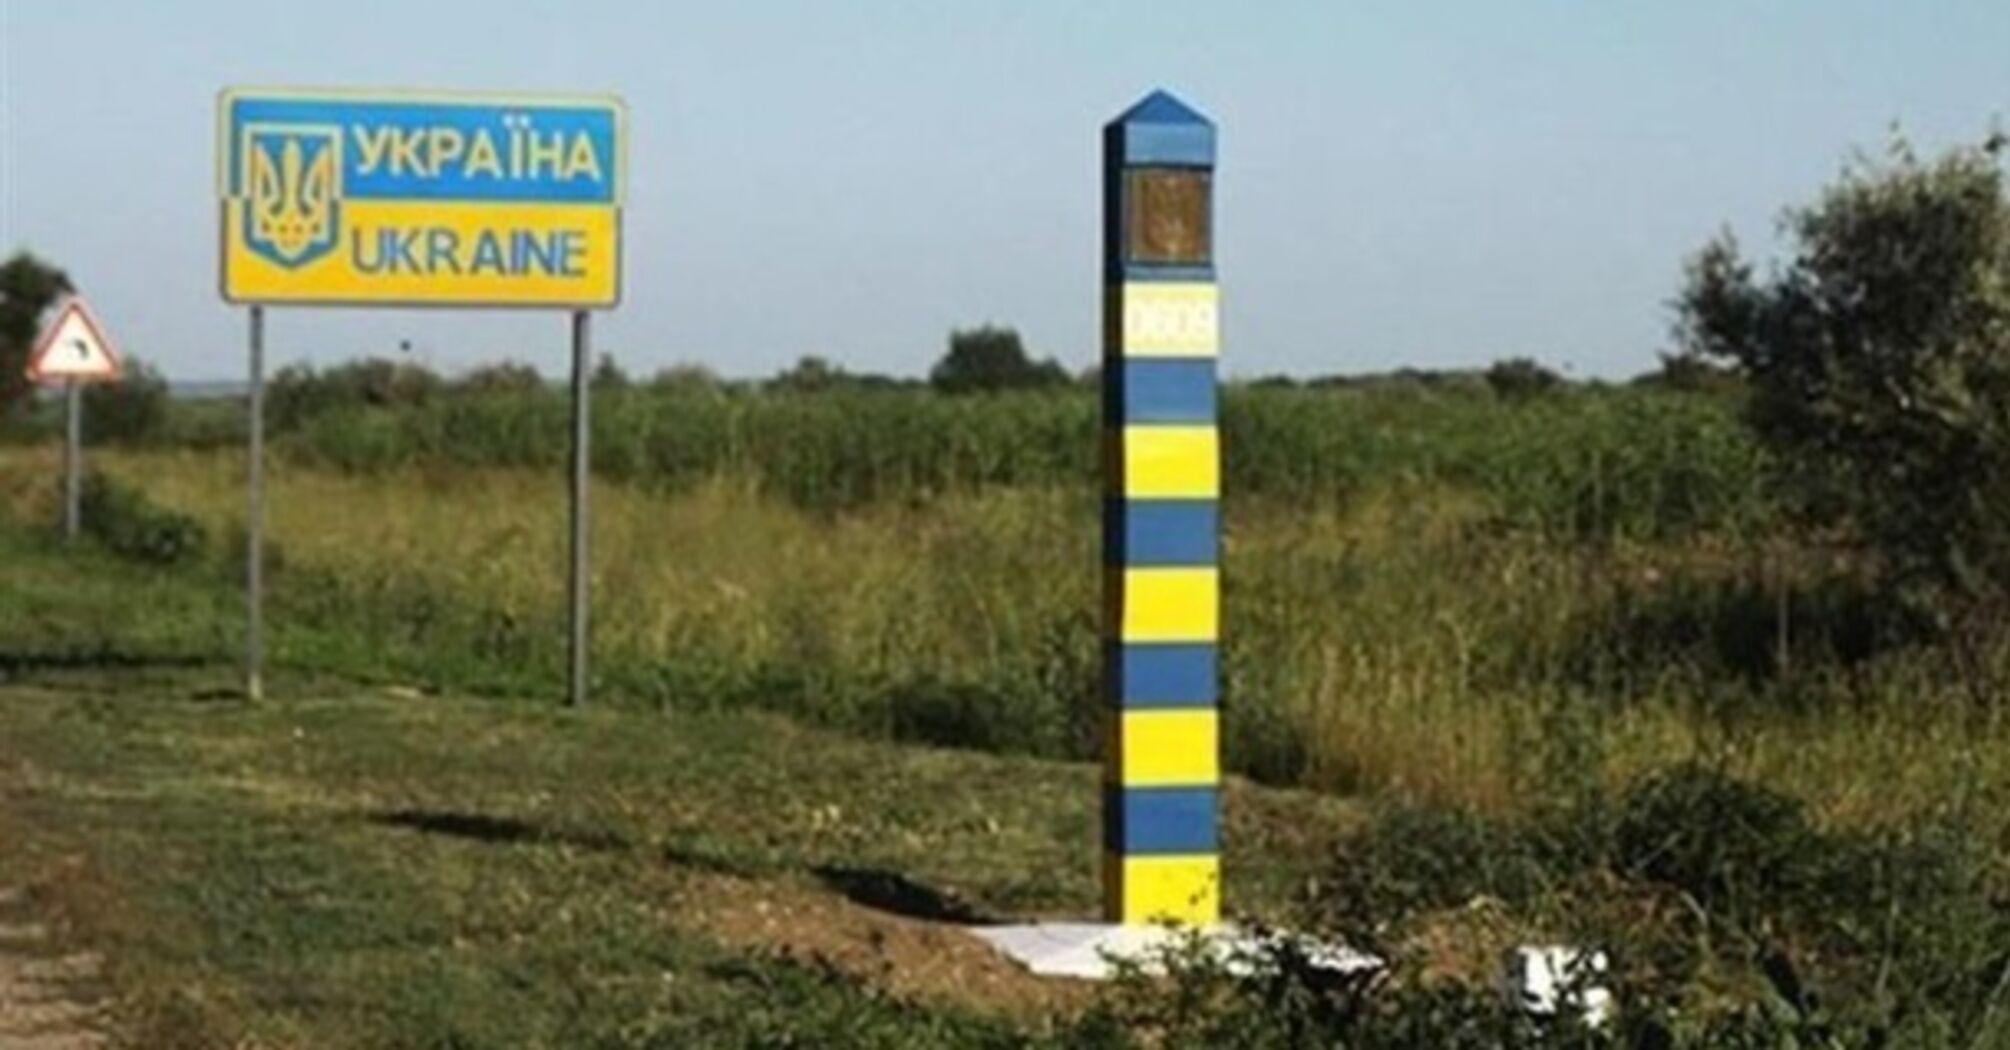 Україна відкрила кордони для іноземців - Держприкордонслужба